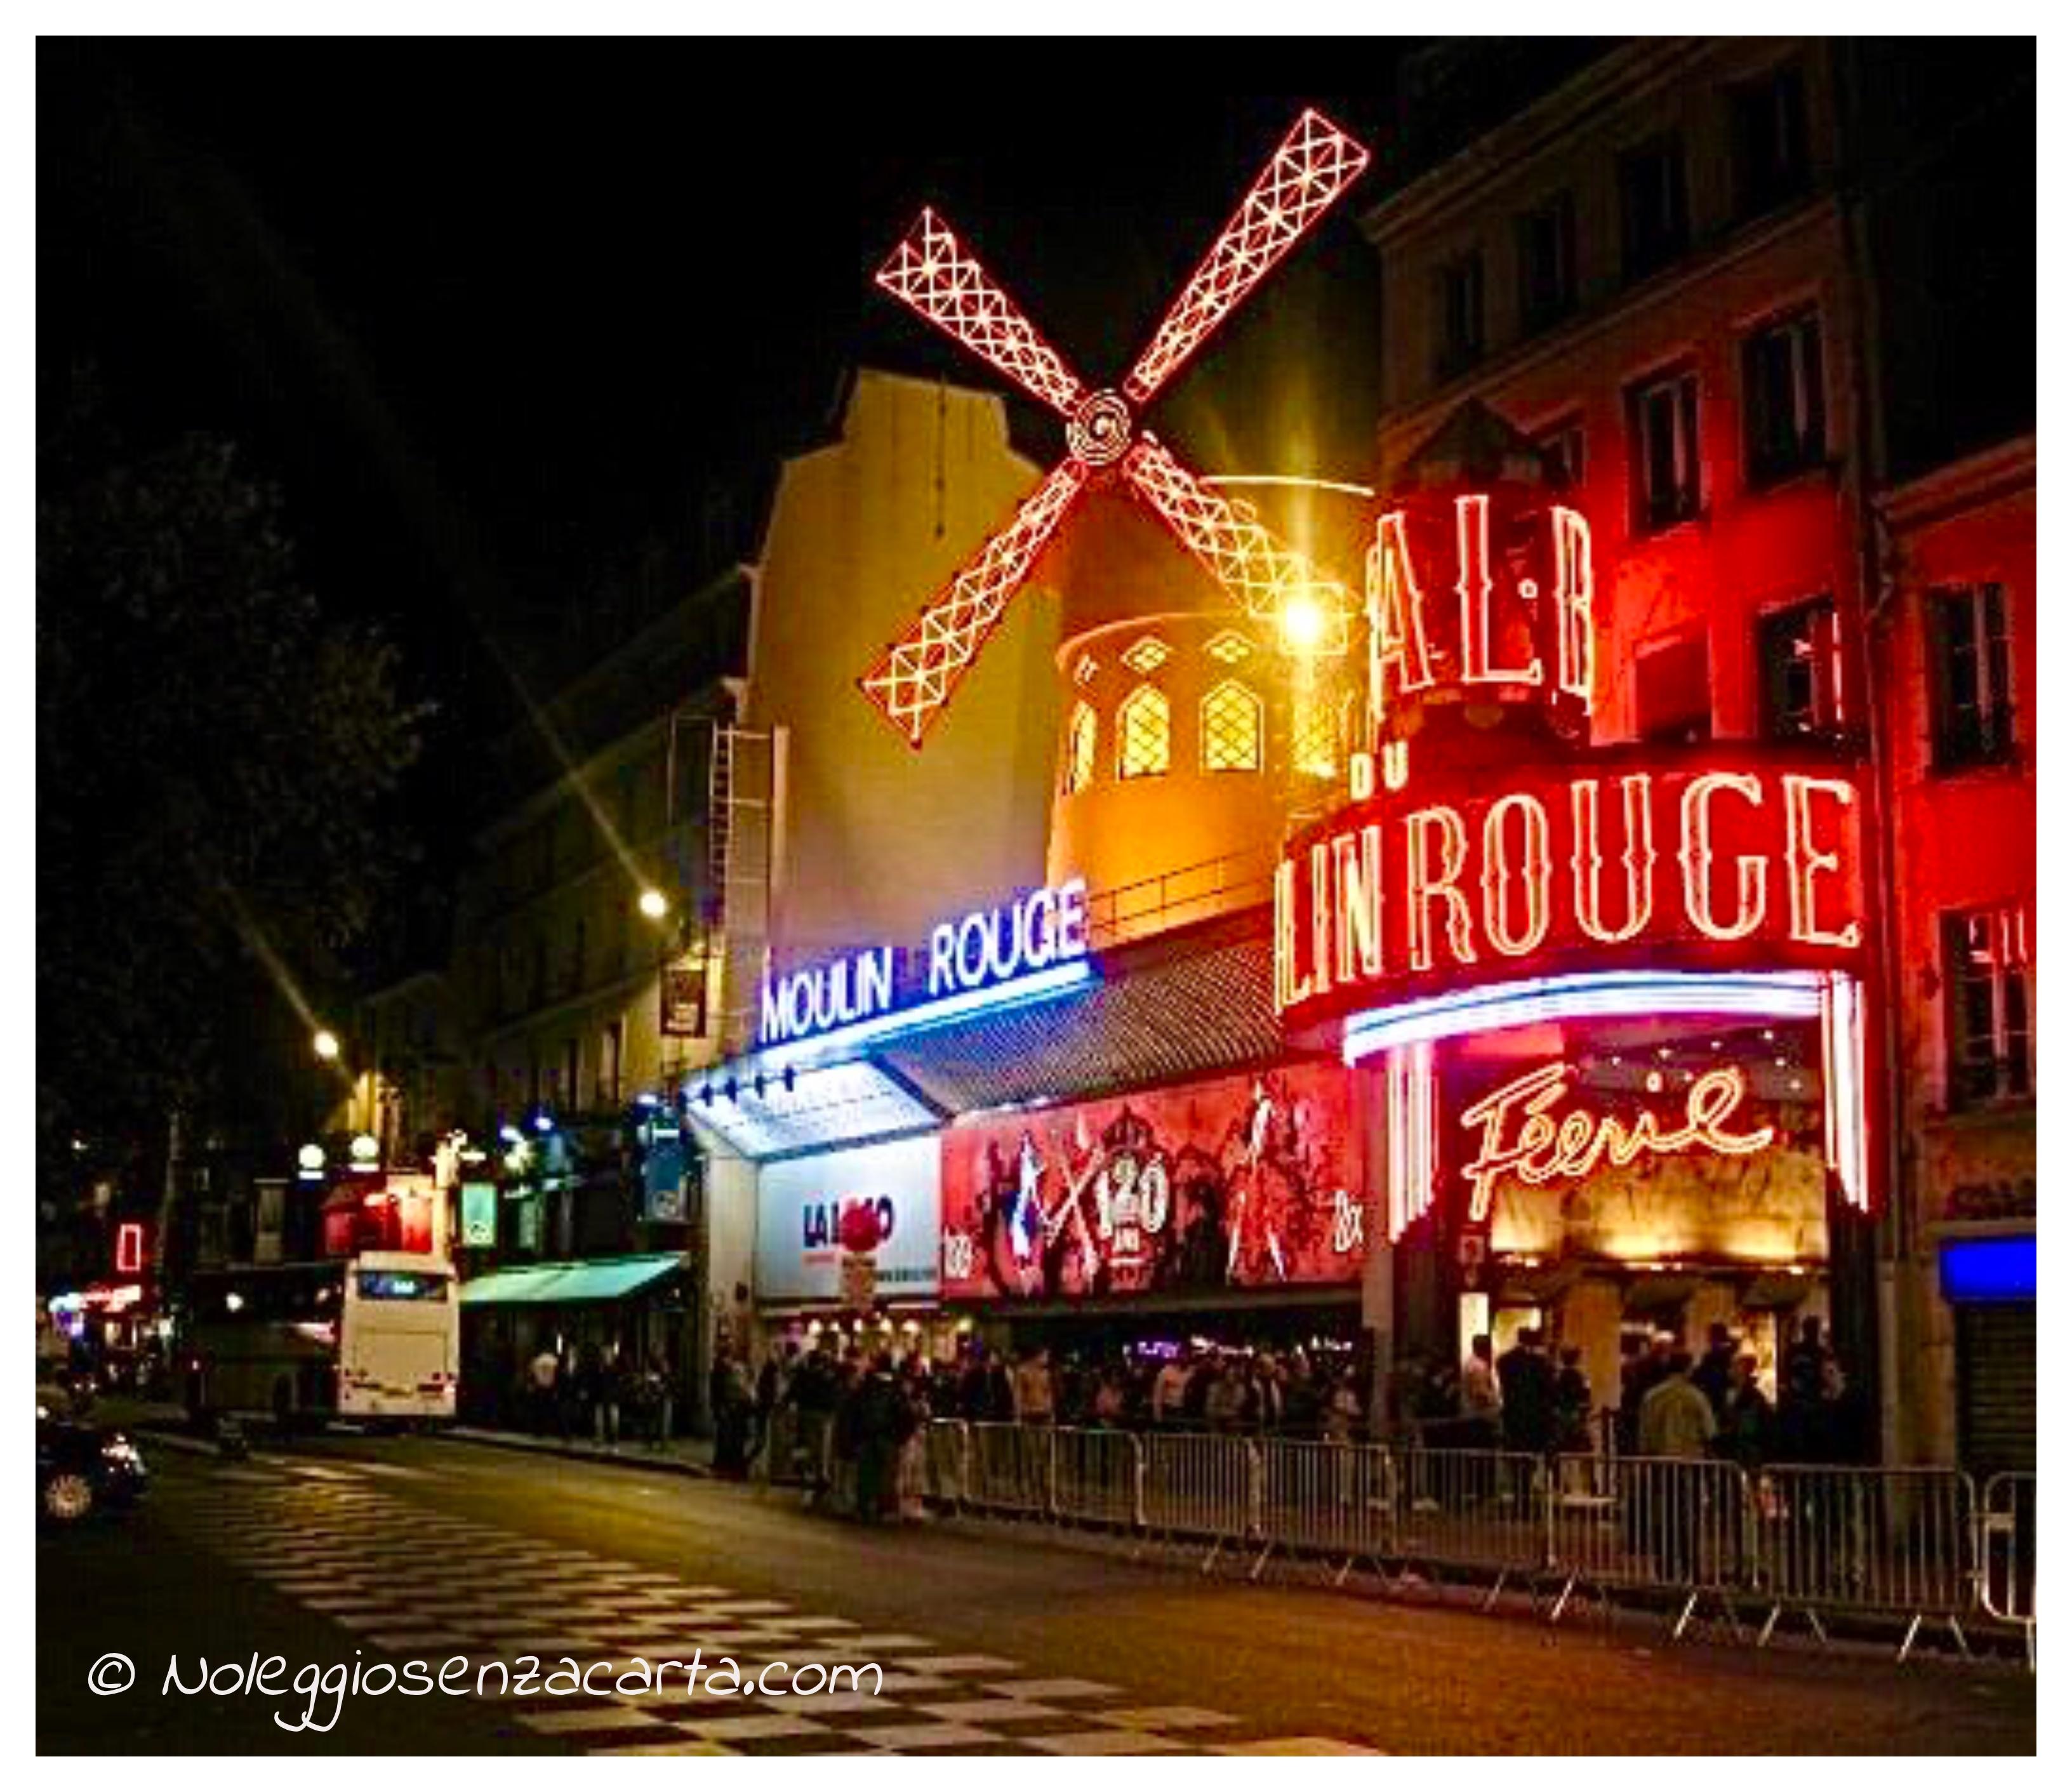 Noleggiare auto senza carta di credito a Parigi